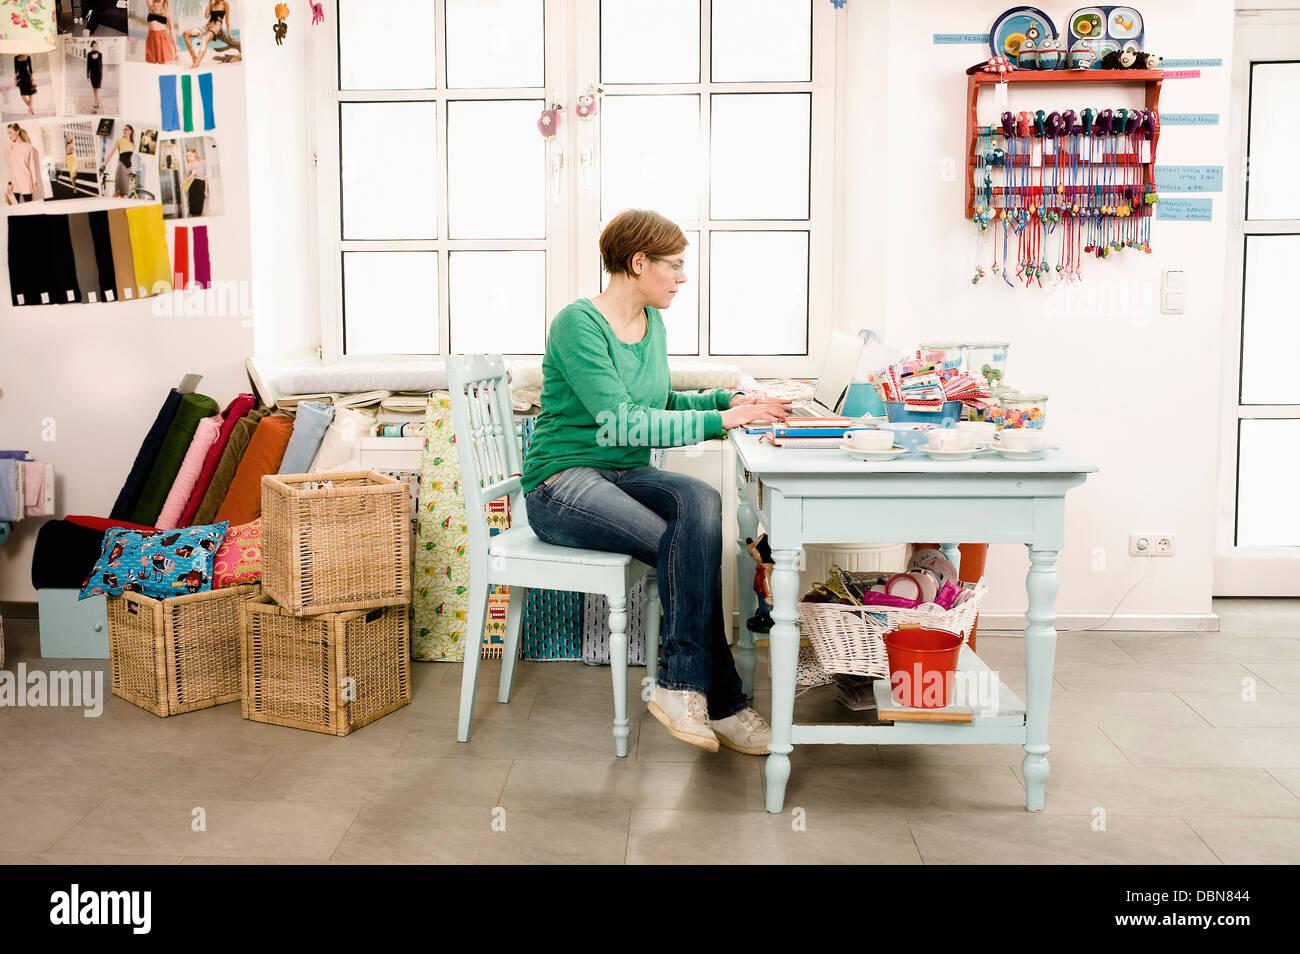 Donna che utilizza computer portatile in negozio, Monaco di Baviera, Germania, Europa Immagini Stock